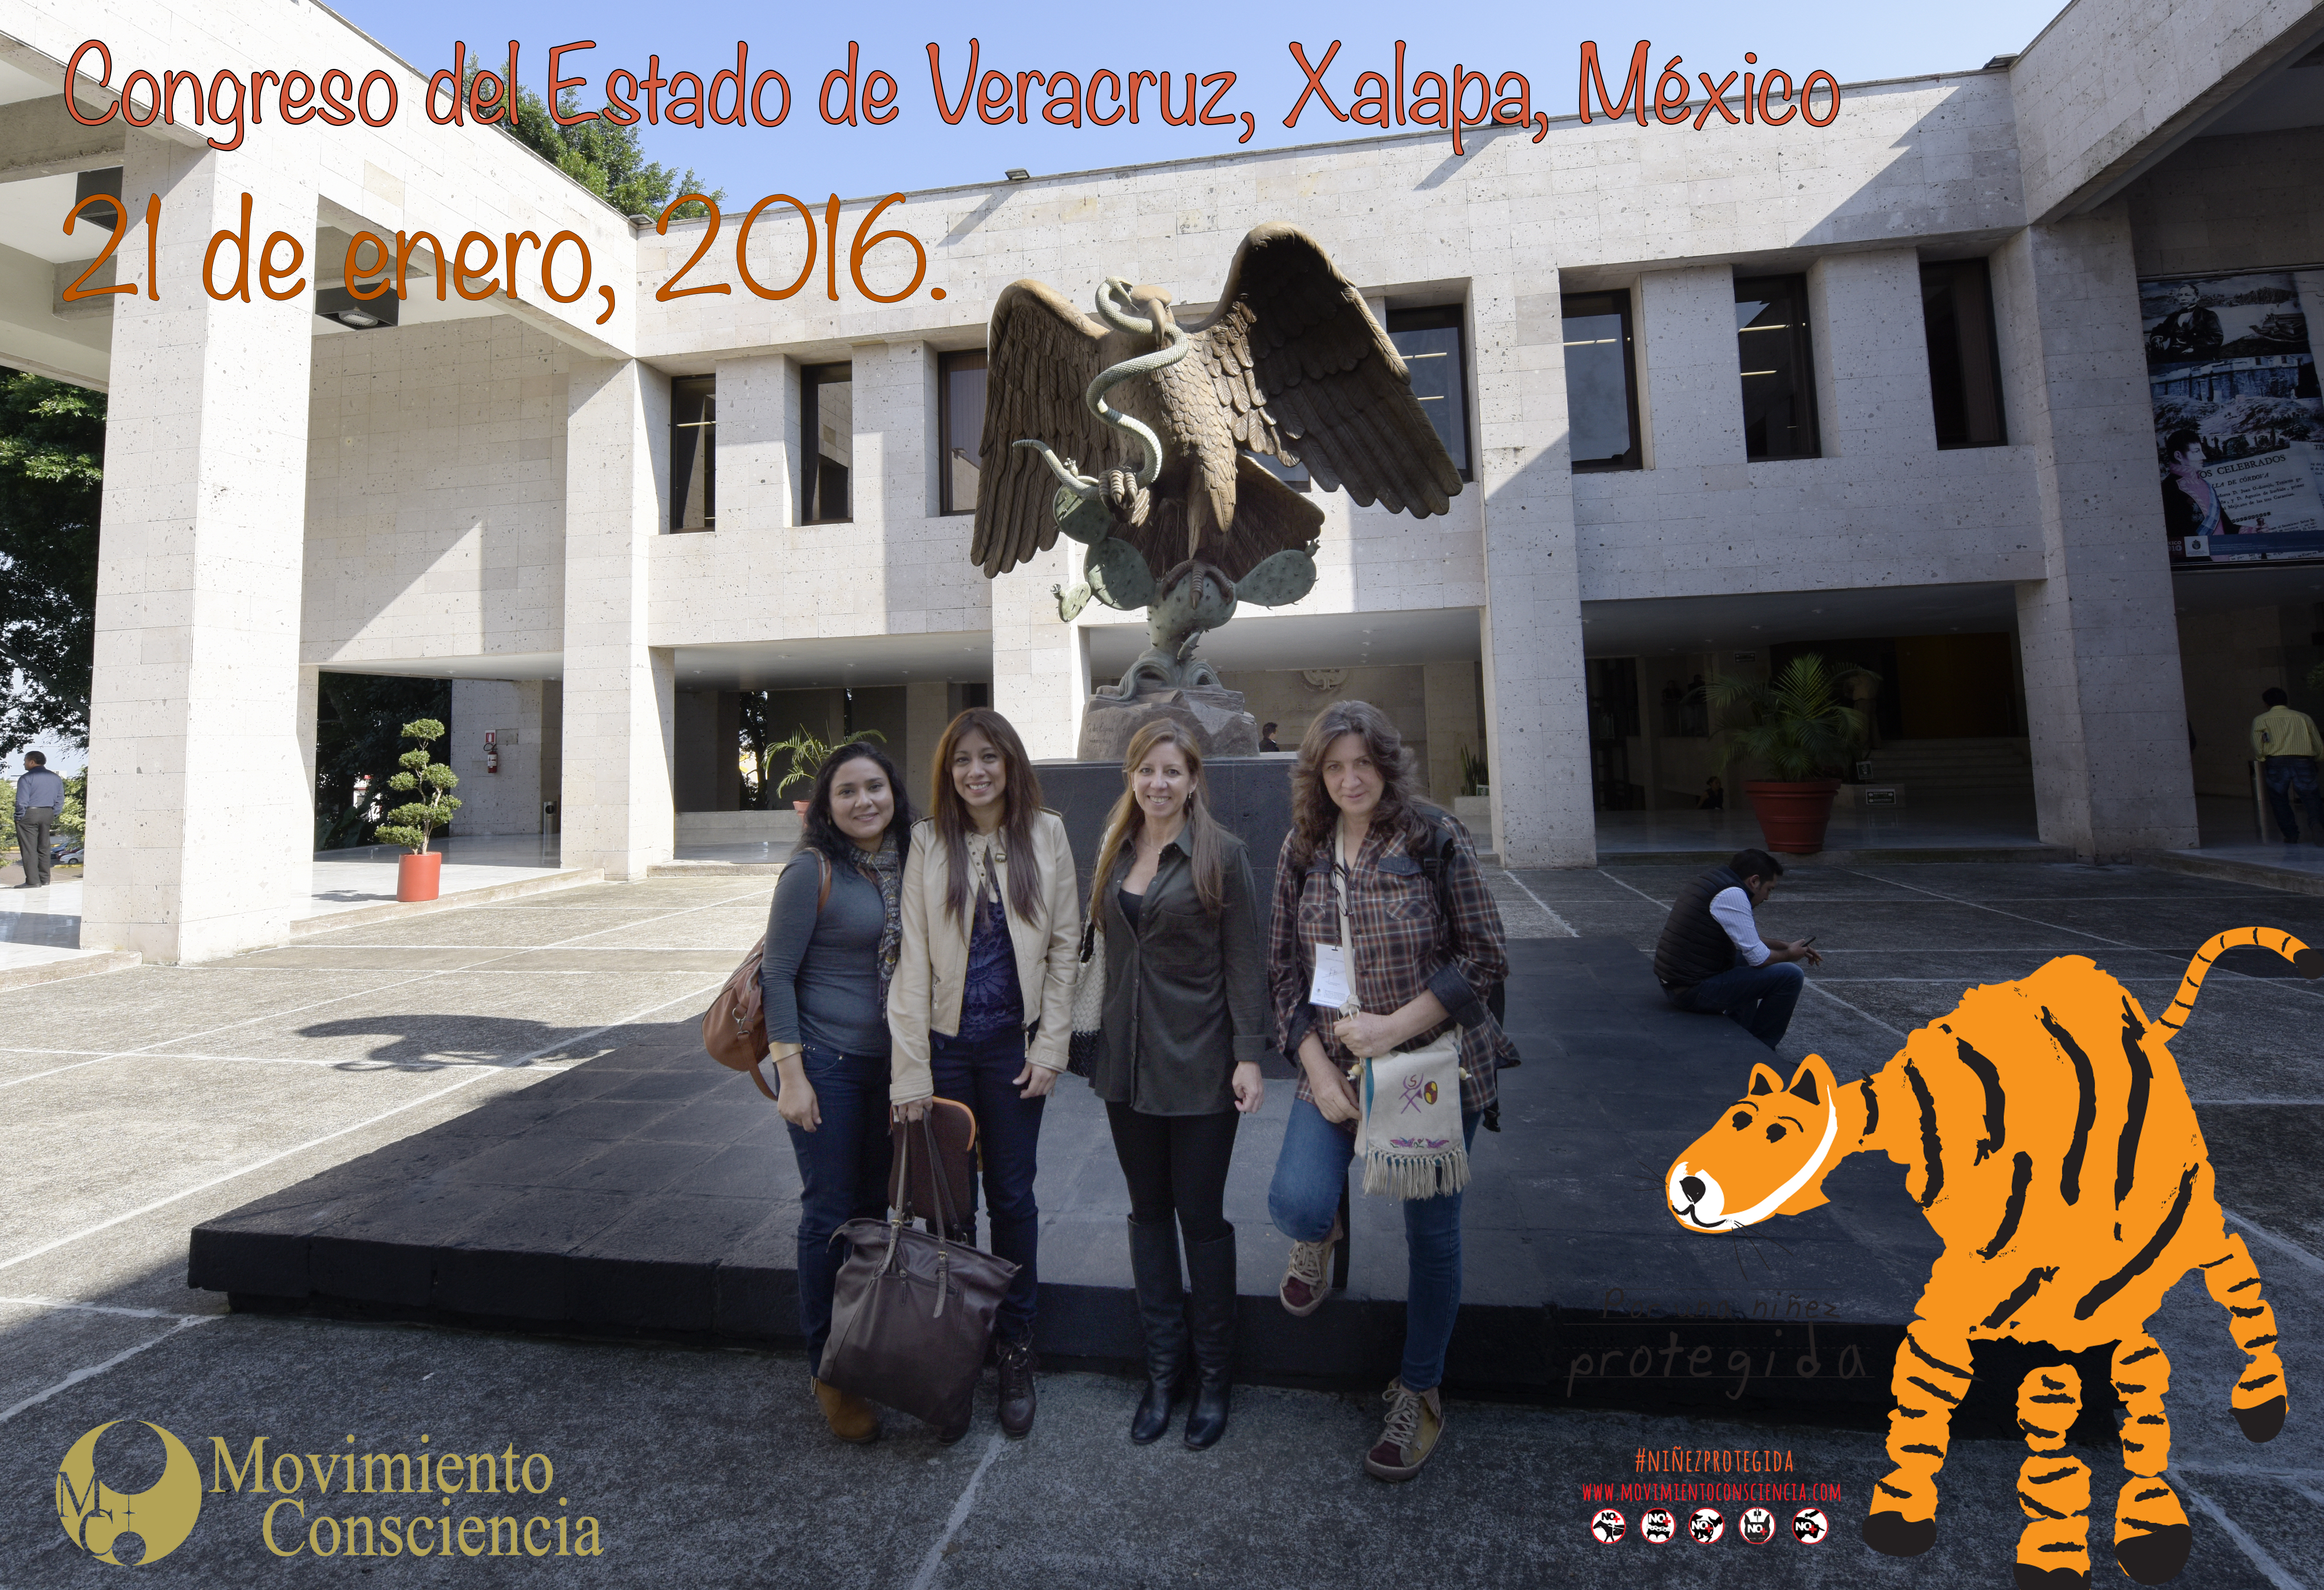 H. Congreso de Veracruz, Xalapa, México